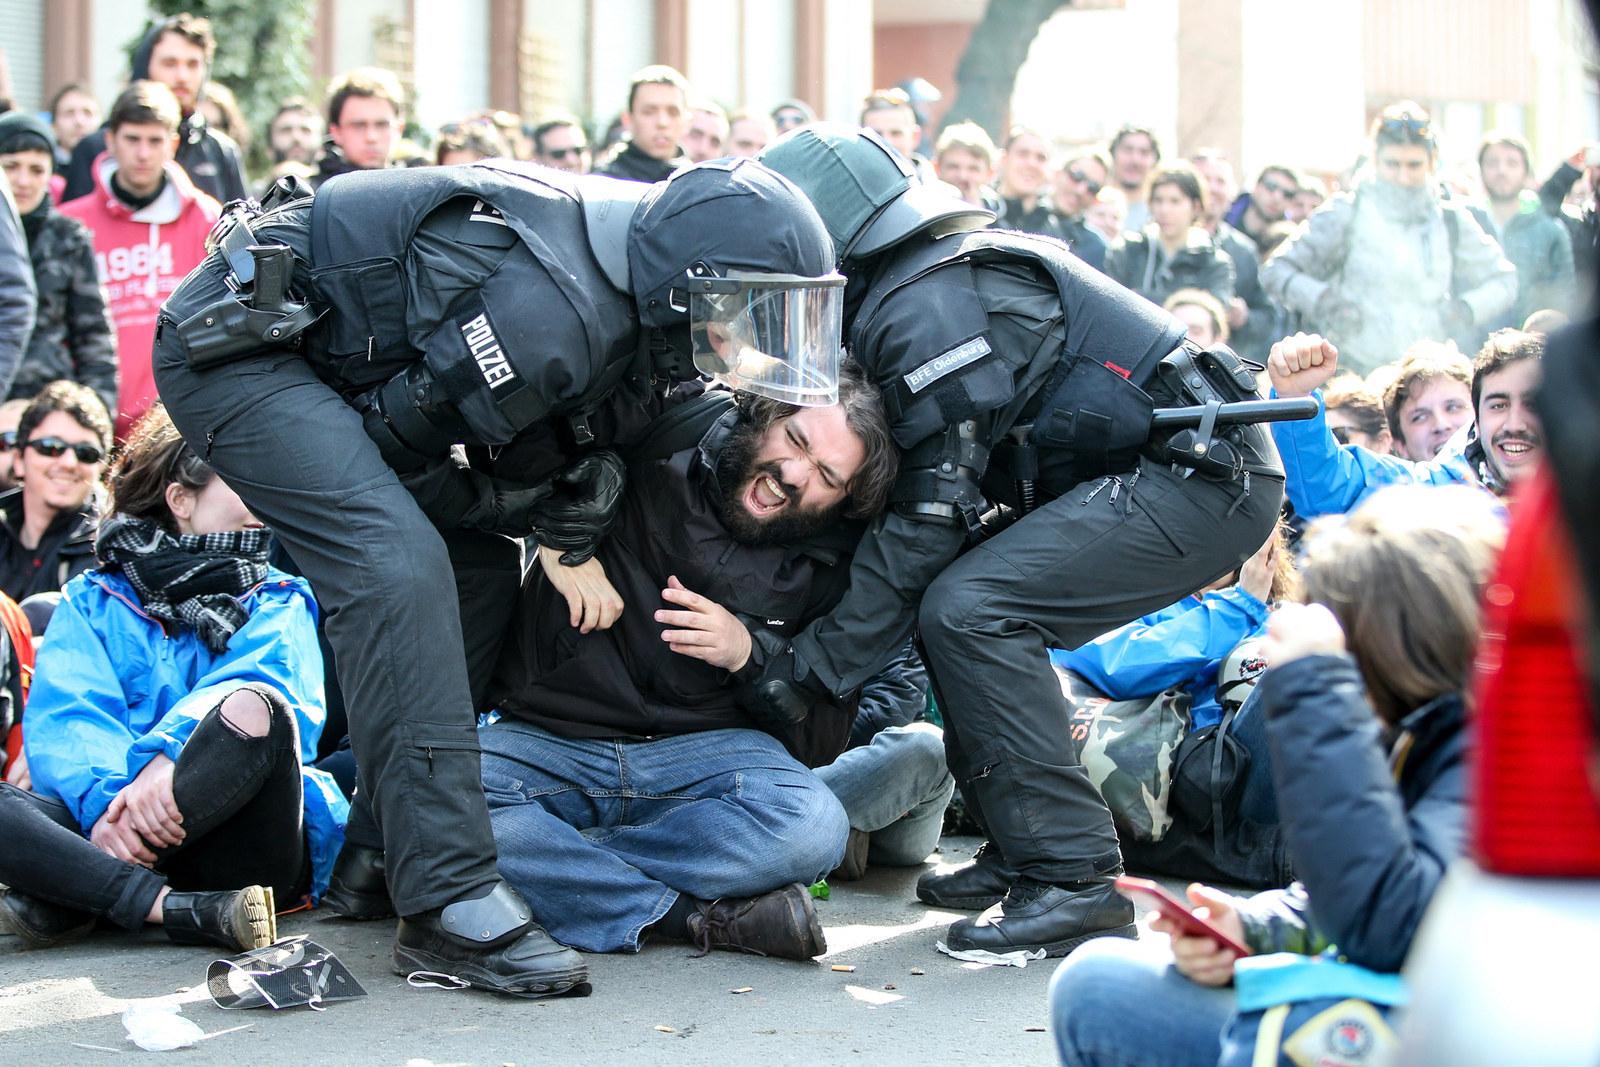 Apprehended Deutsch